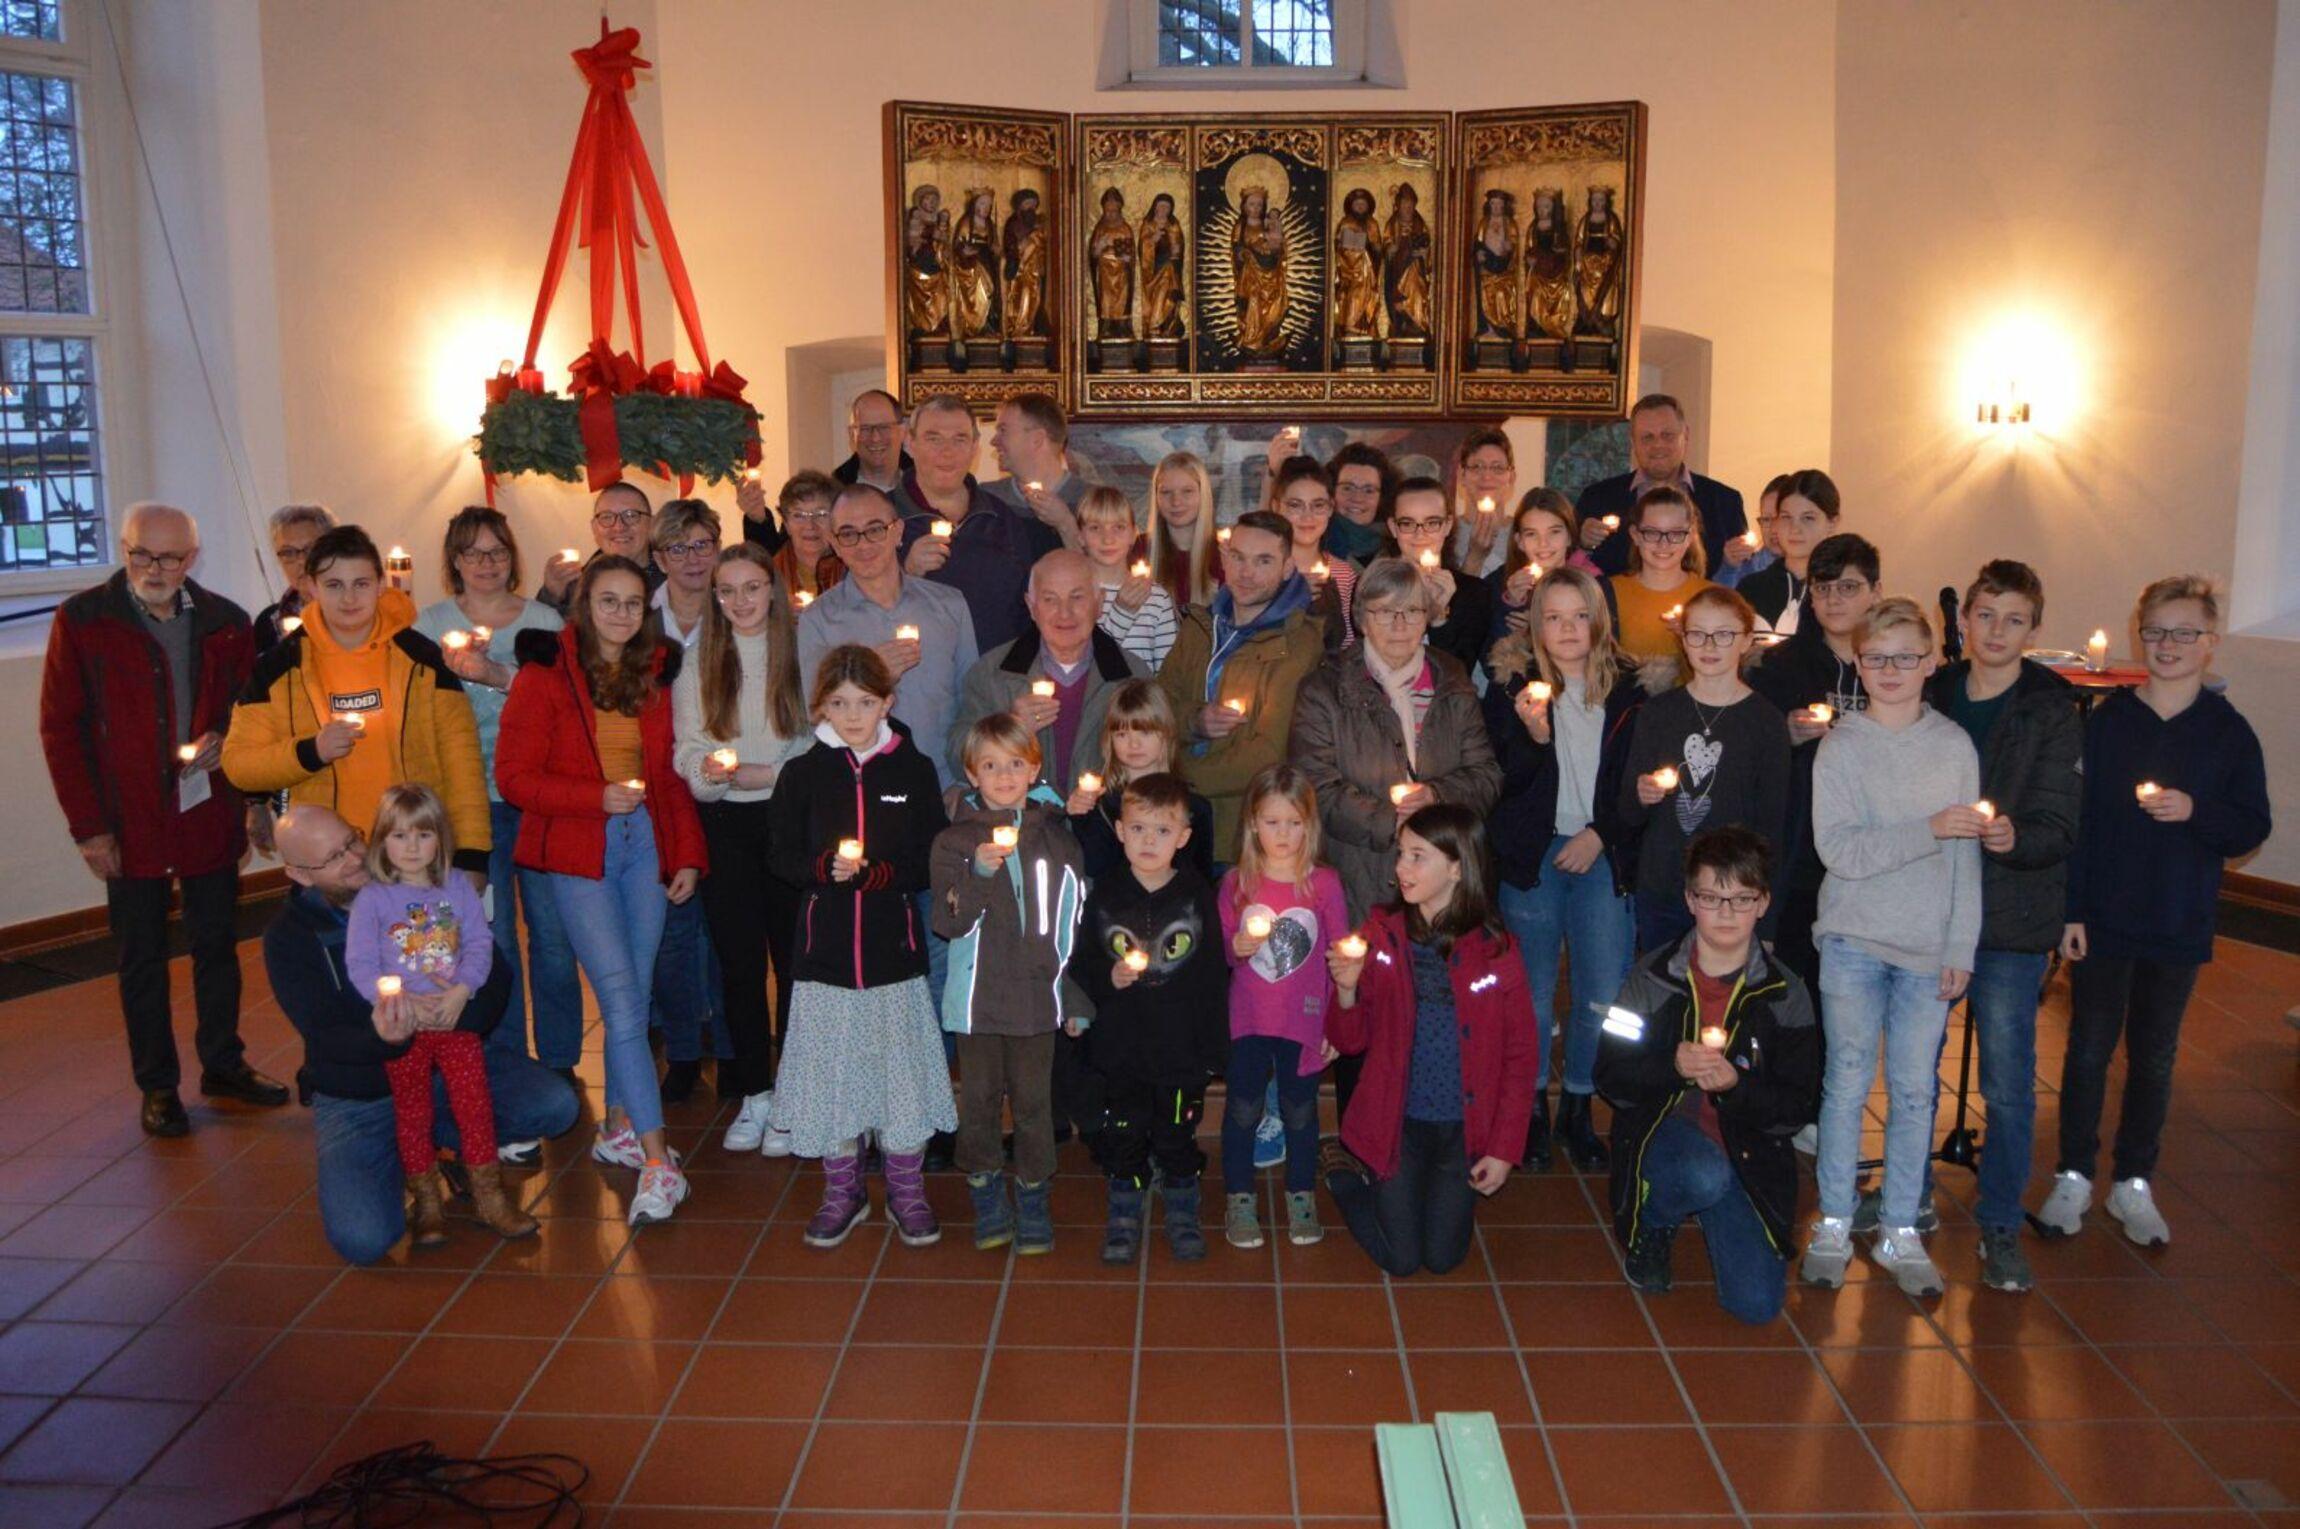 2019-12-15-Kerzengruppe